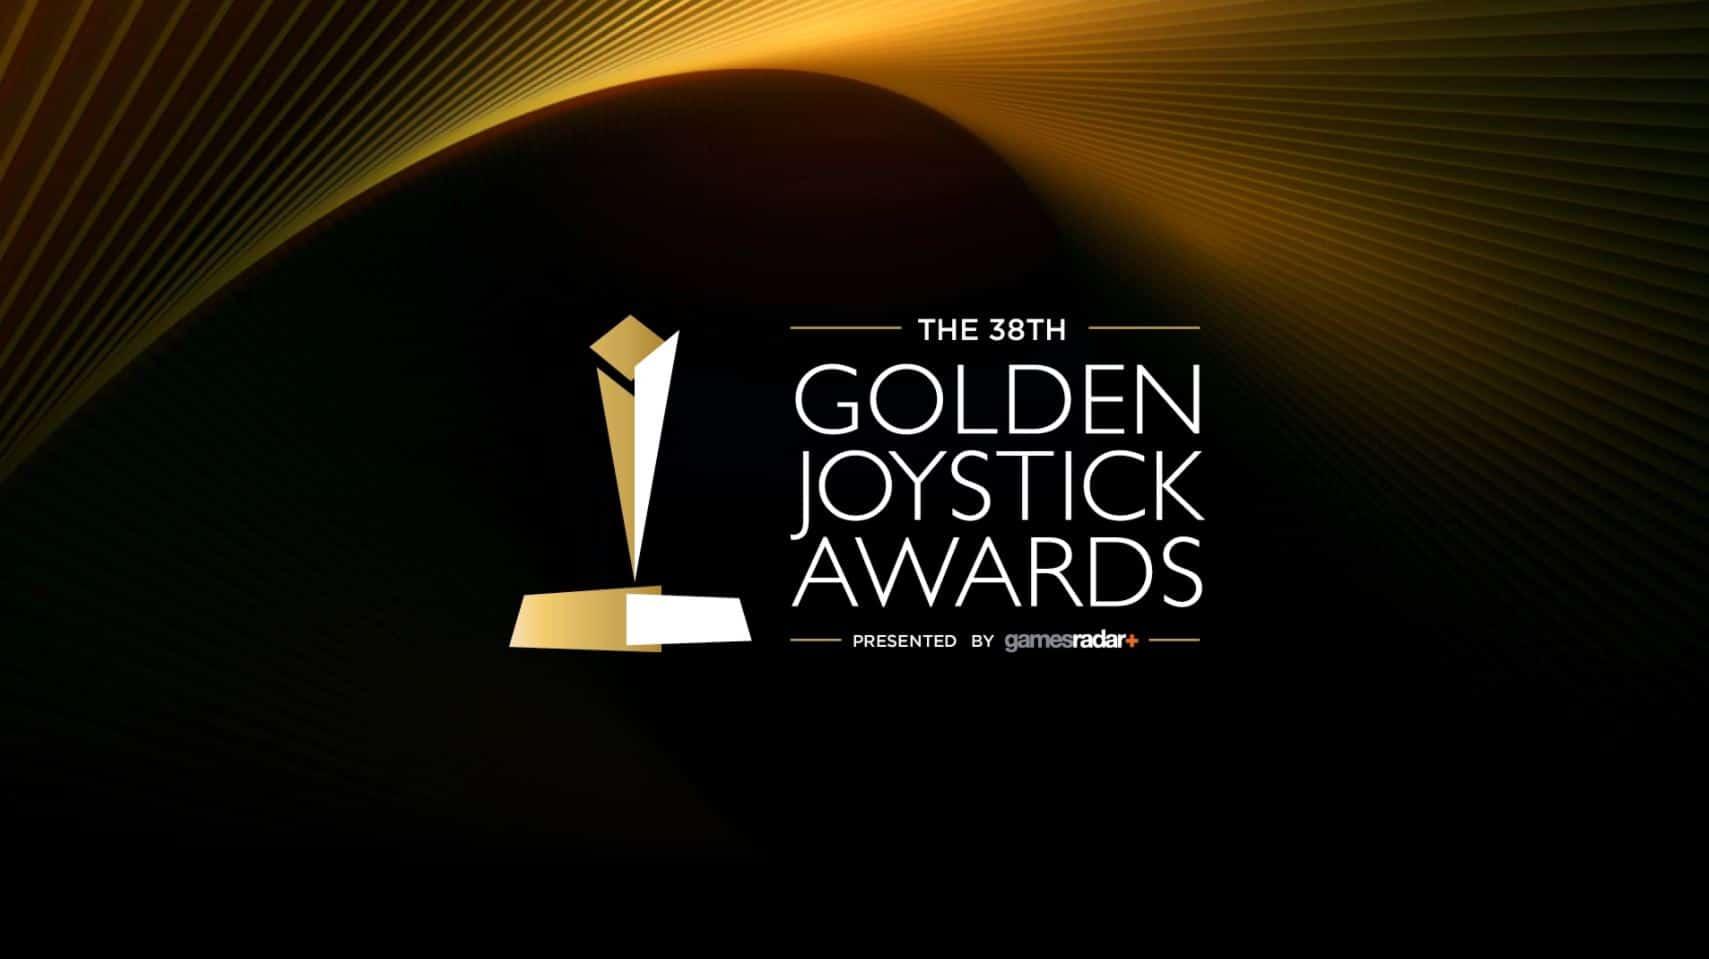 Итоги Golden Joystick Awards 2020 - игра года, лучшая инди и самая ожидаемая игра 2